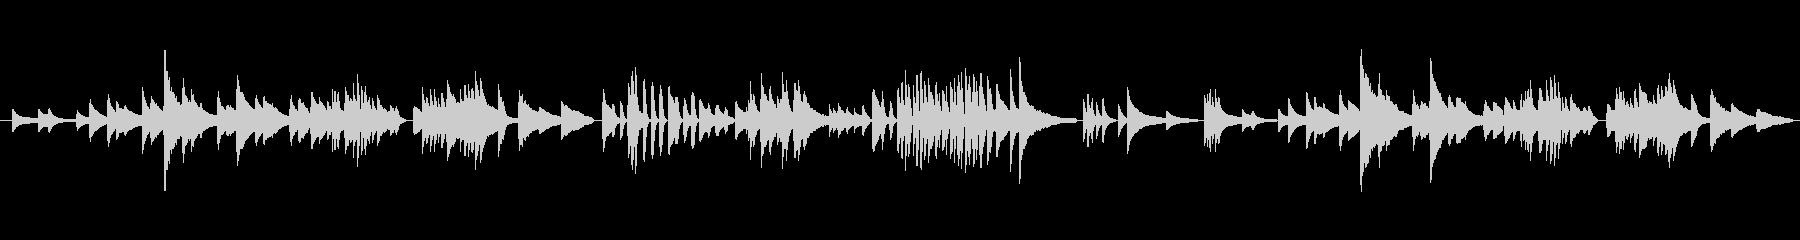 きらきら星 変奏11(リピート無し)の未再生の波形